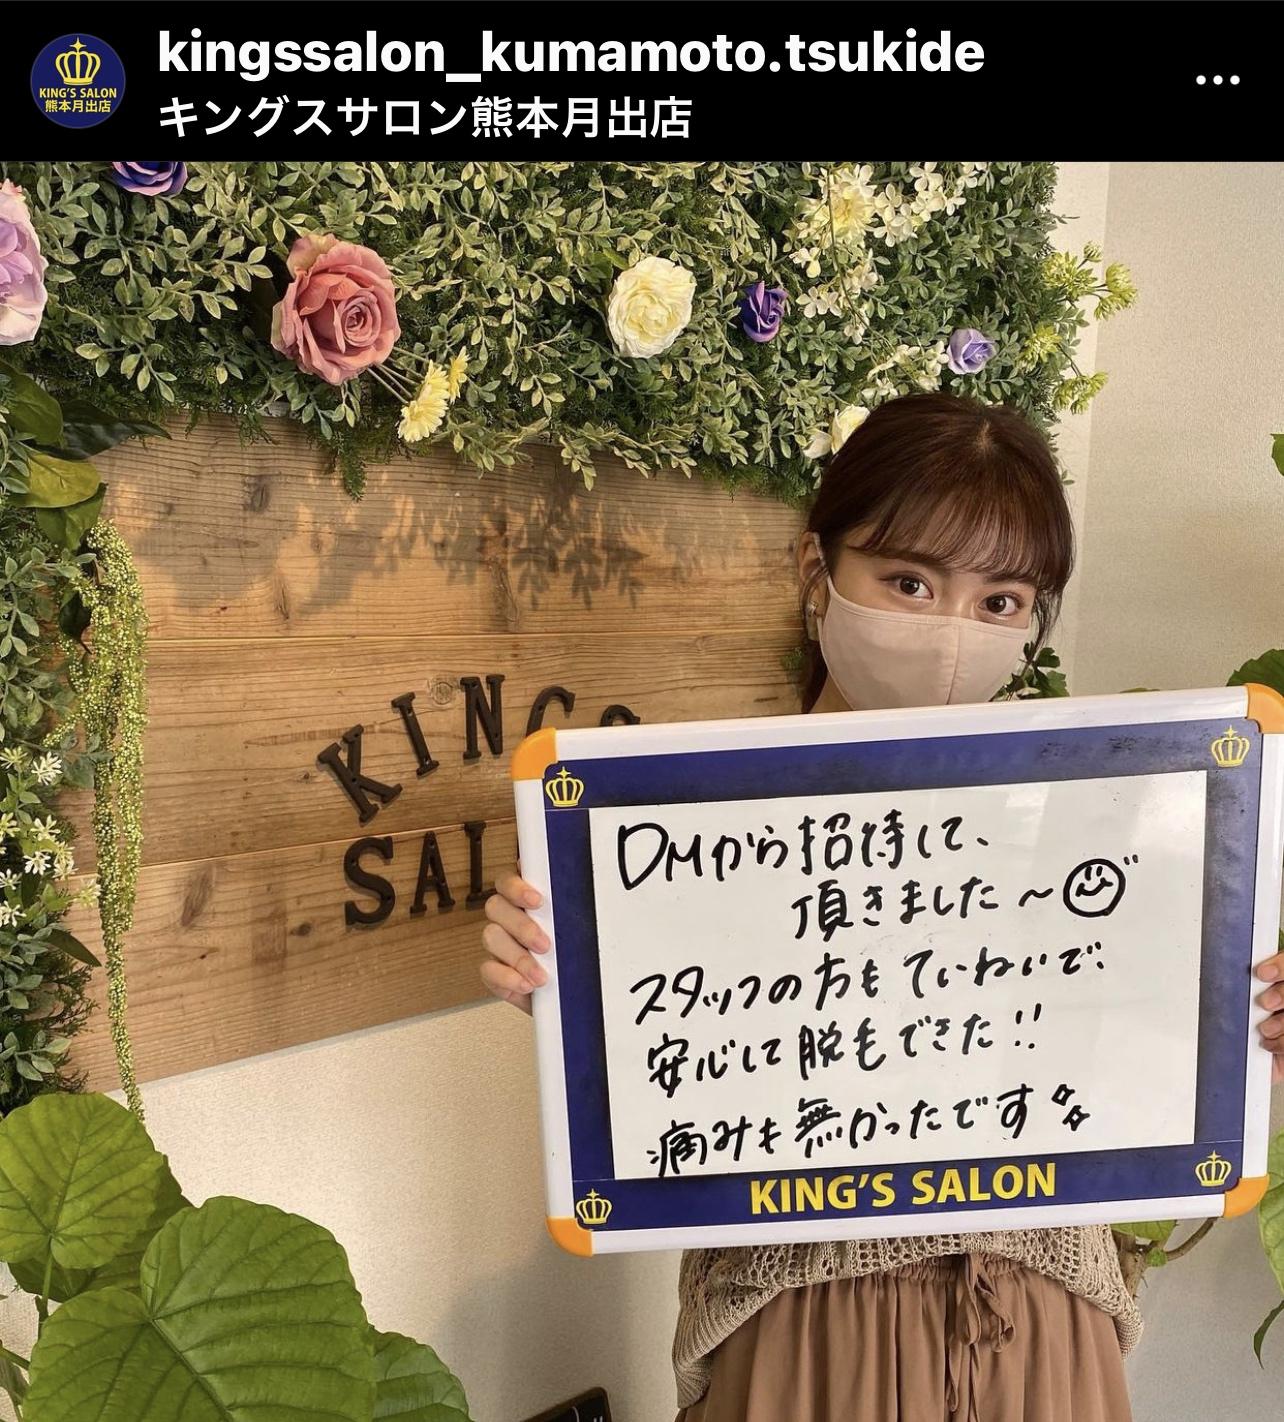 お客様の声 キングスサロン熊本月出店のサムネイル画像